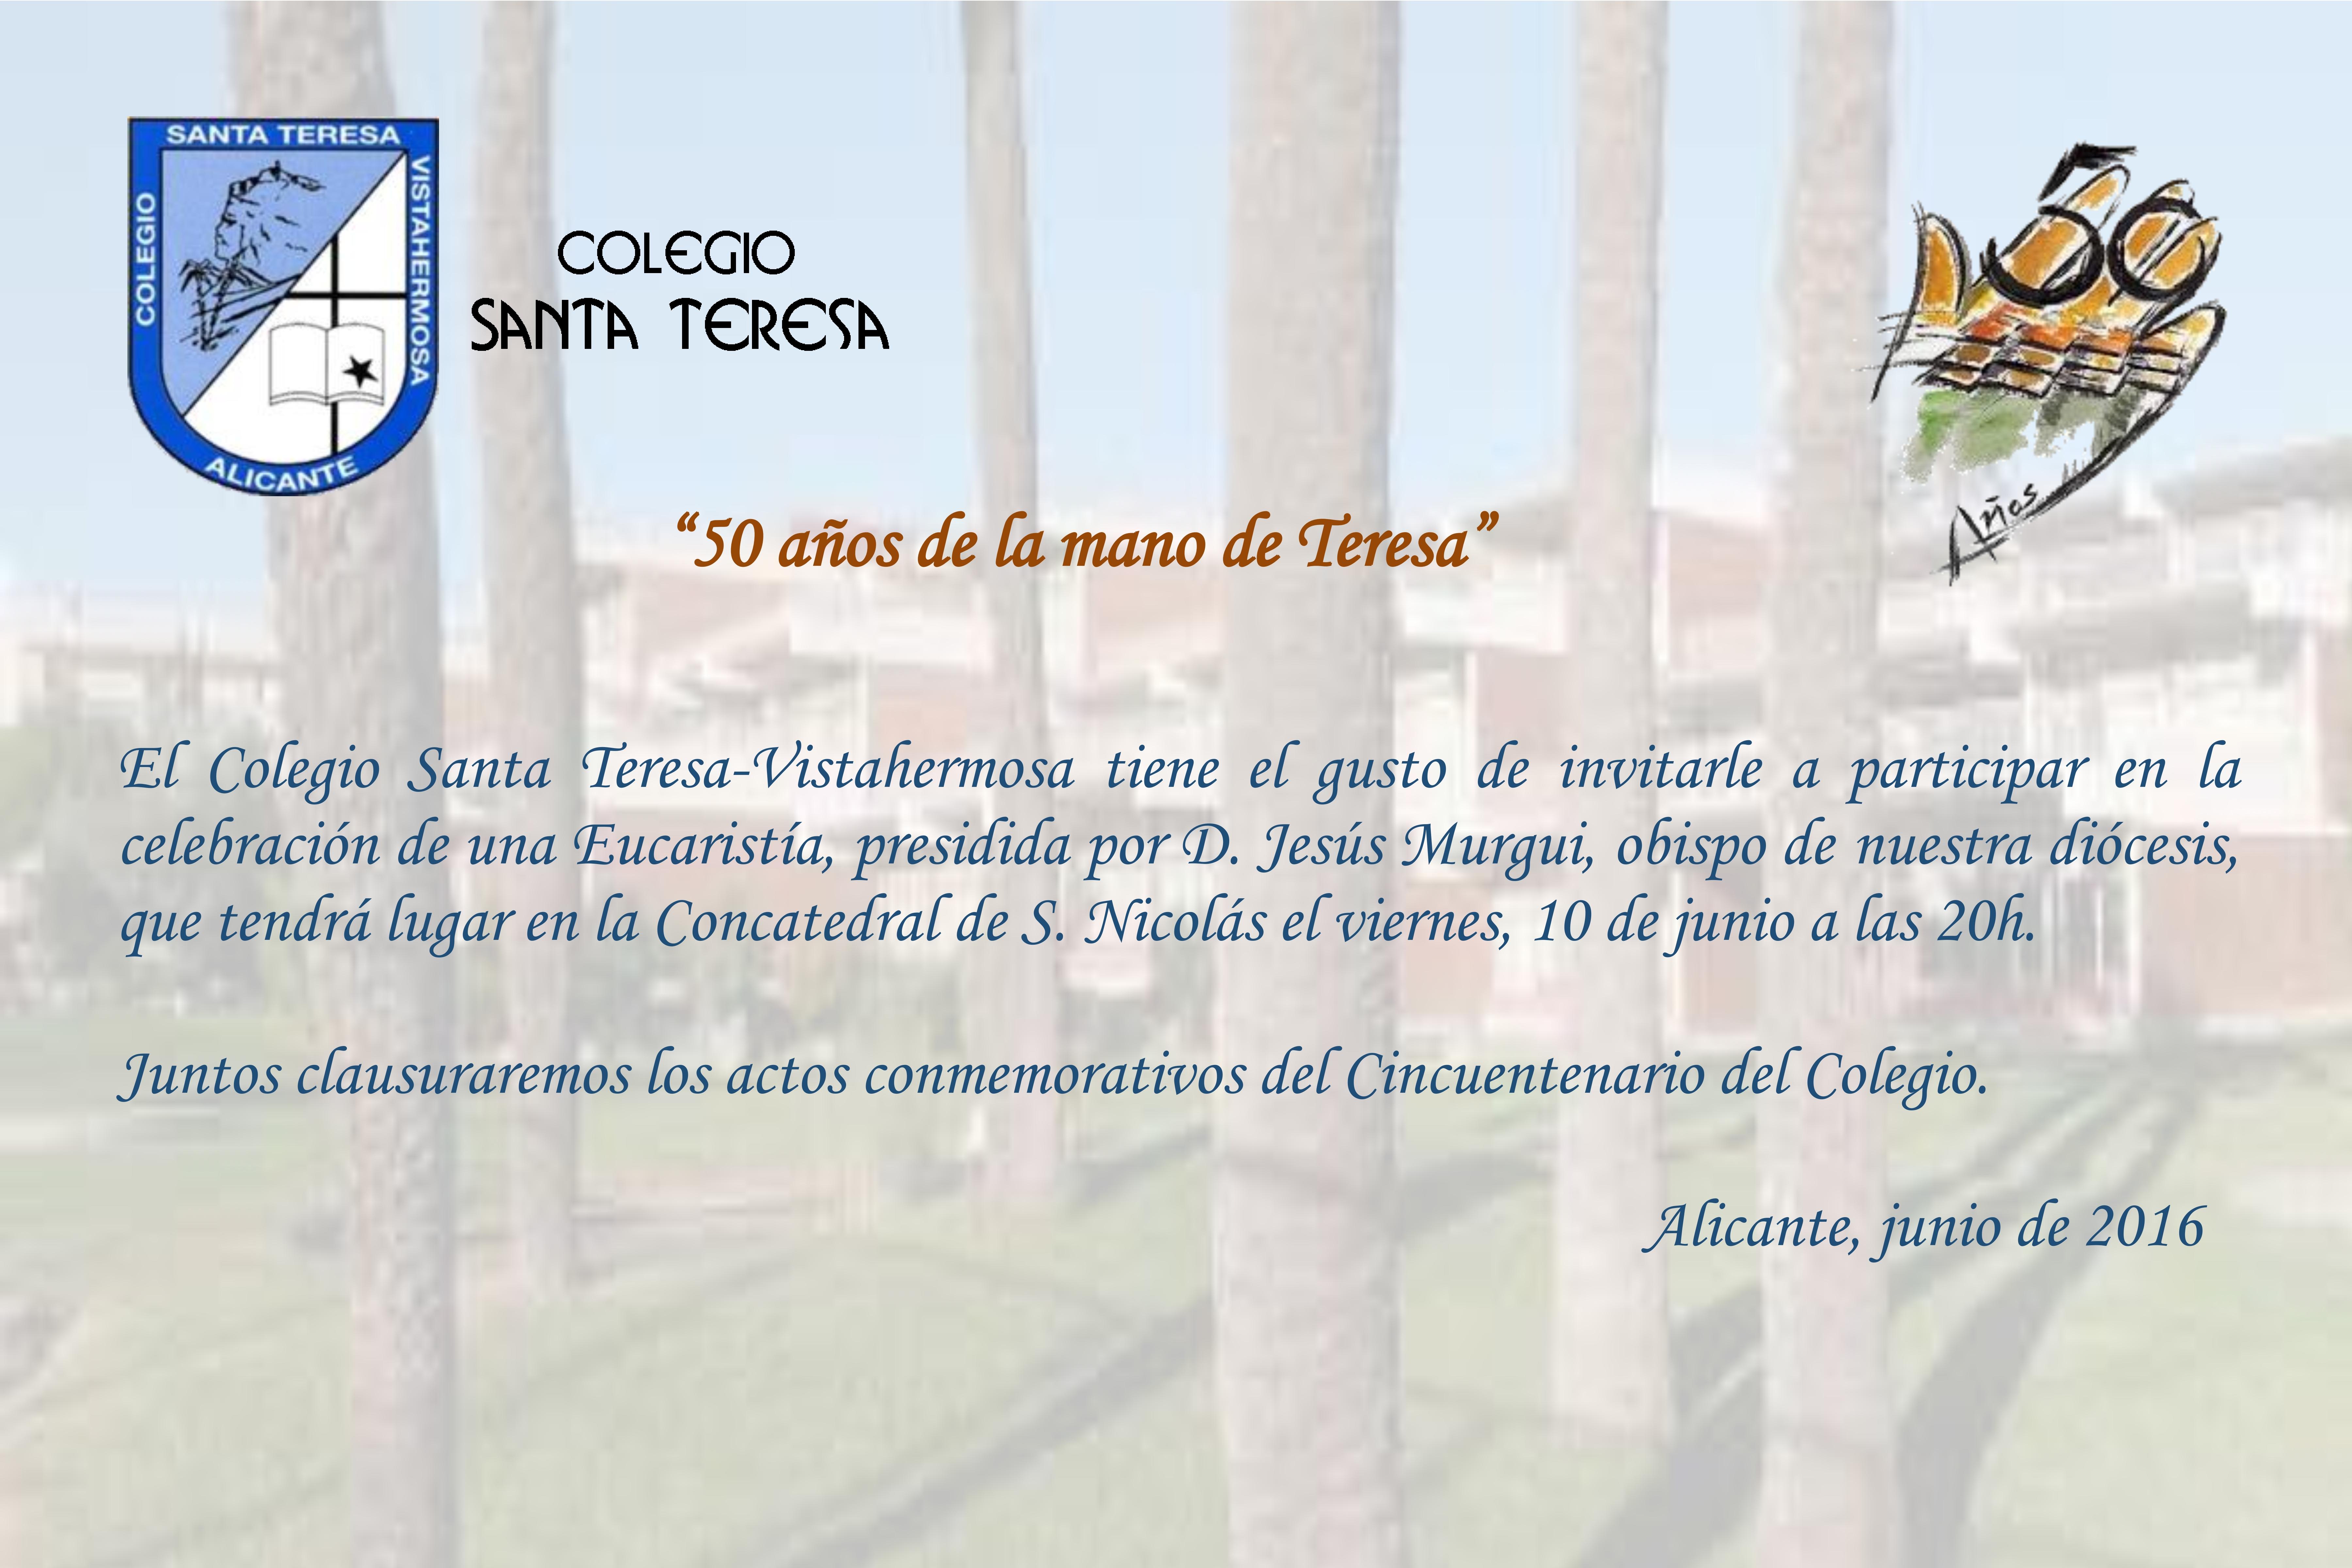 Colegio Santa Teresa Alicante |